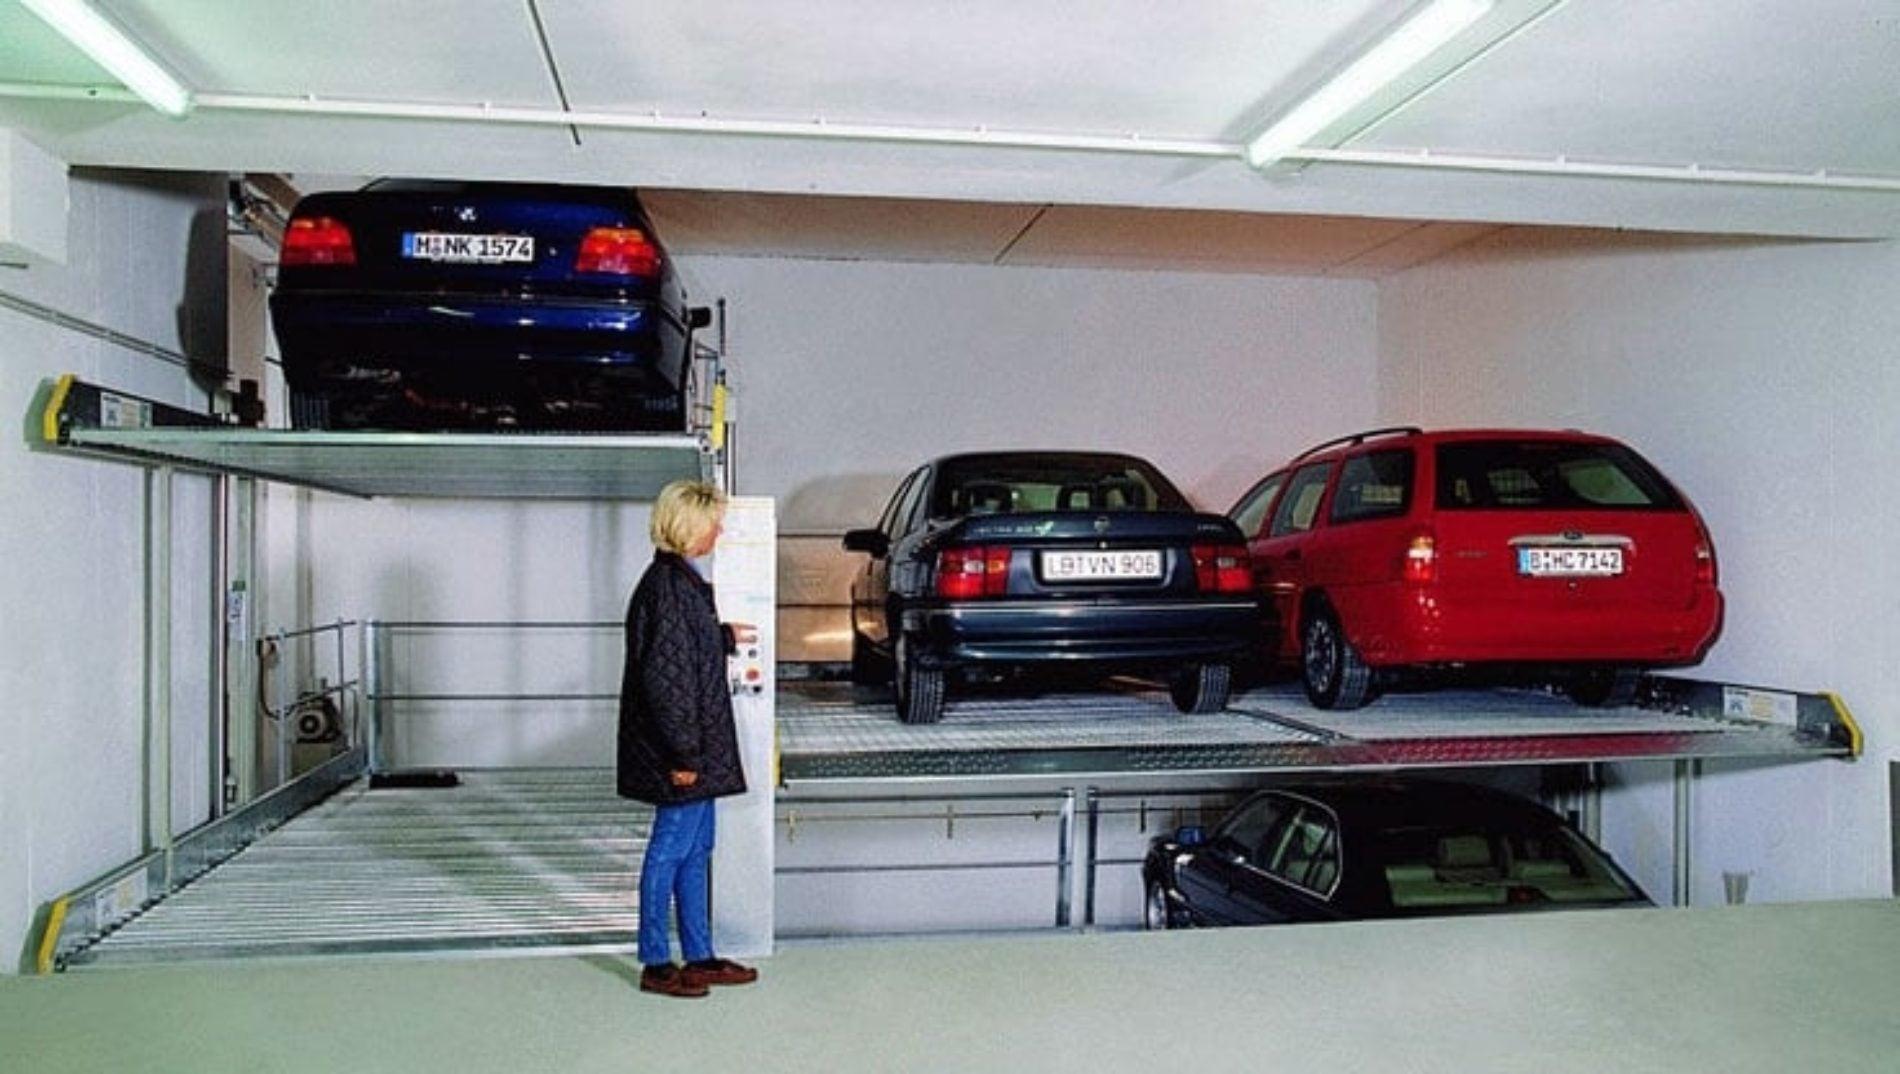 Carparkers ParkLift450